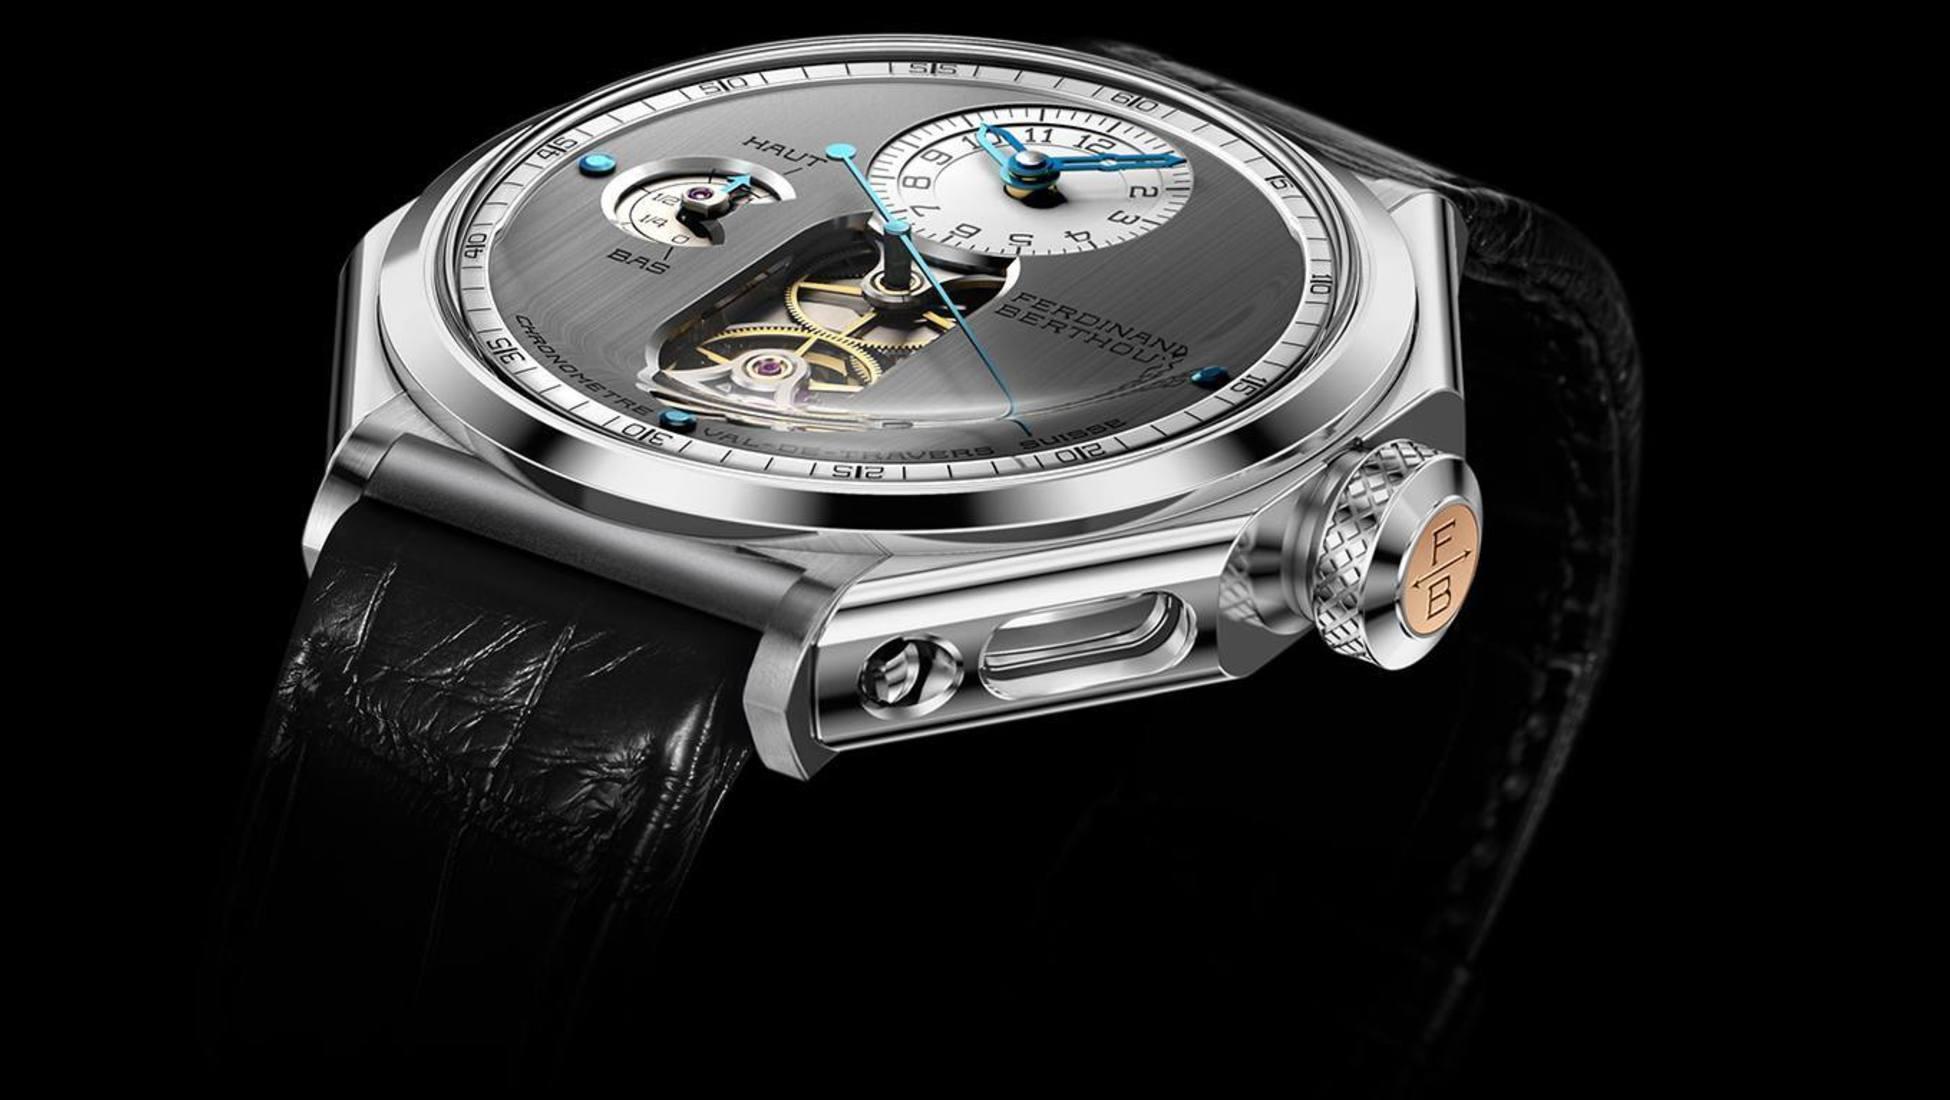 b2709799e18 5 das marcas de relógios mais antigas - Catawiki